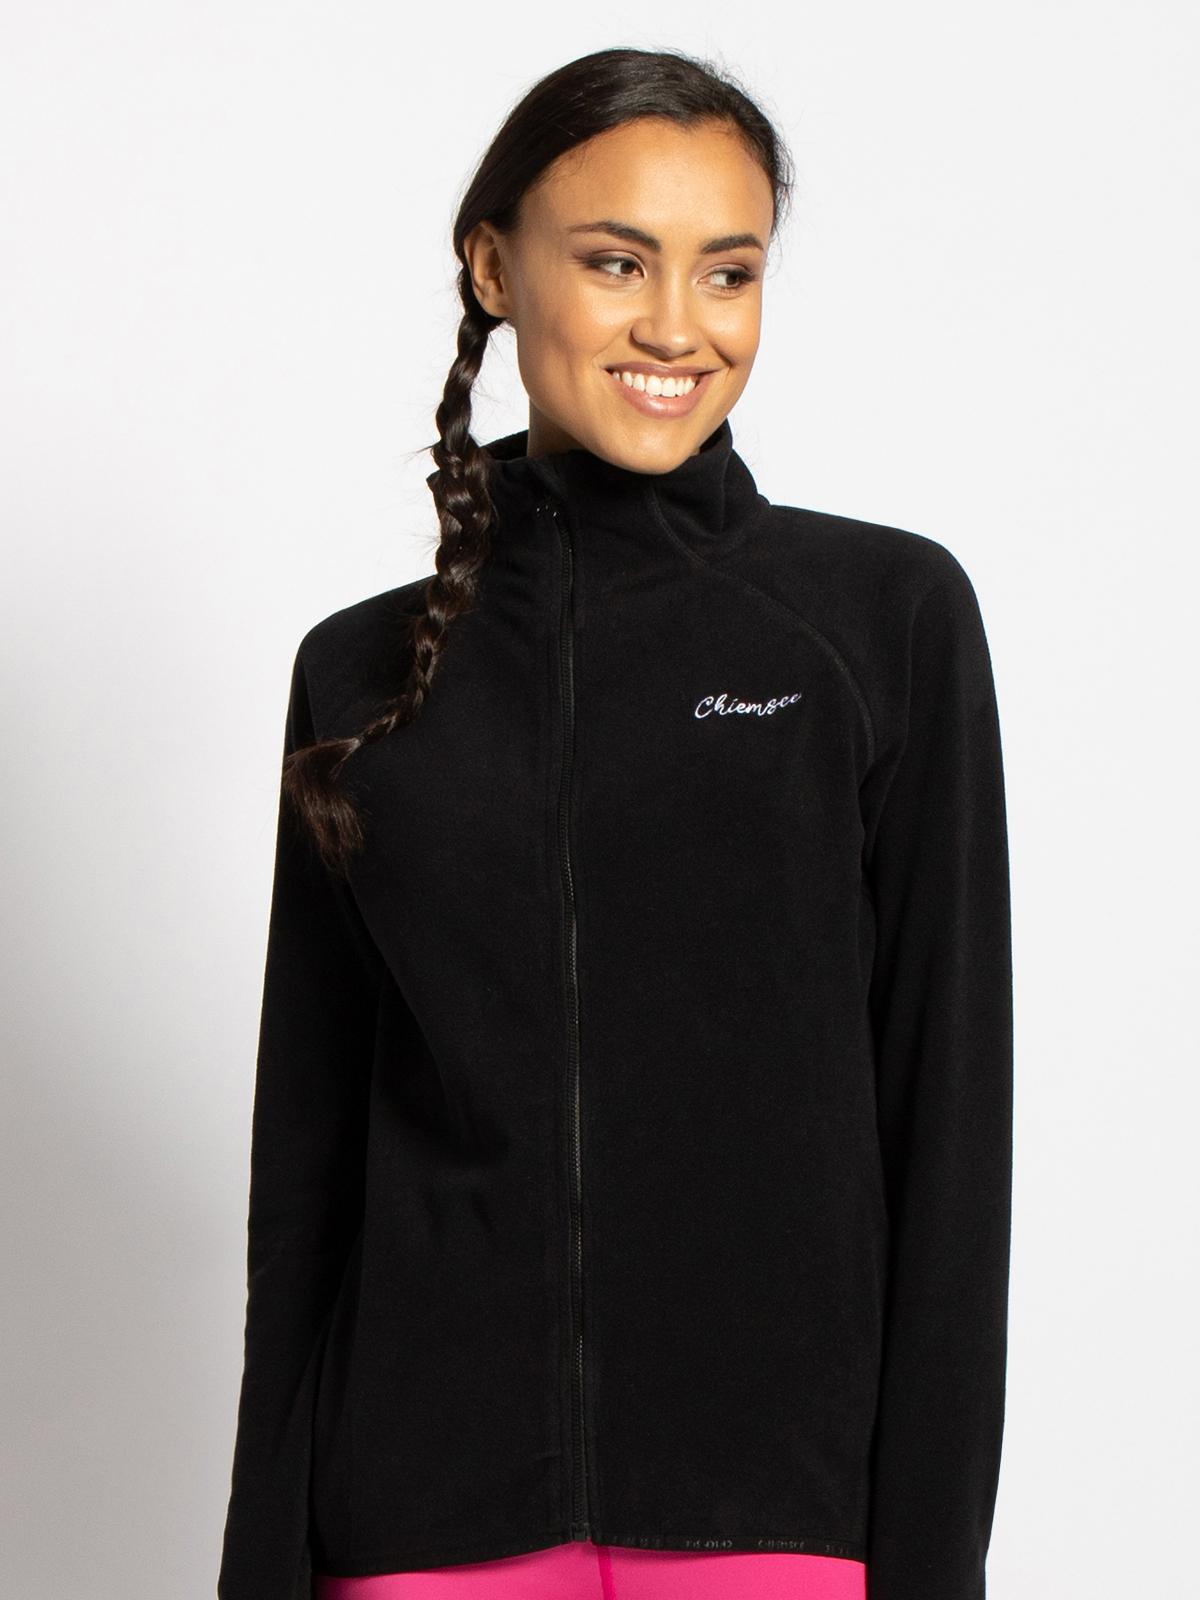 Chiemsee Fleecevest in zwart voor Dames